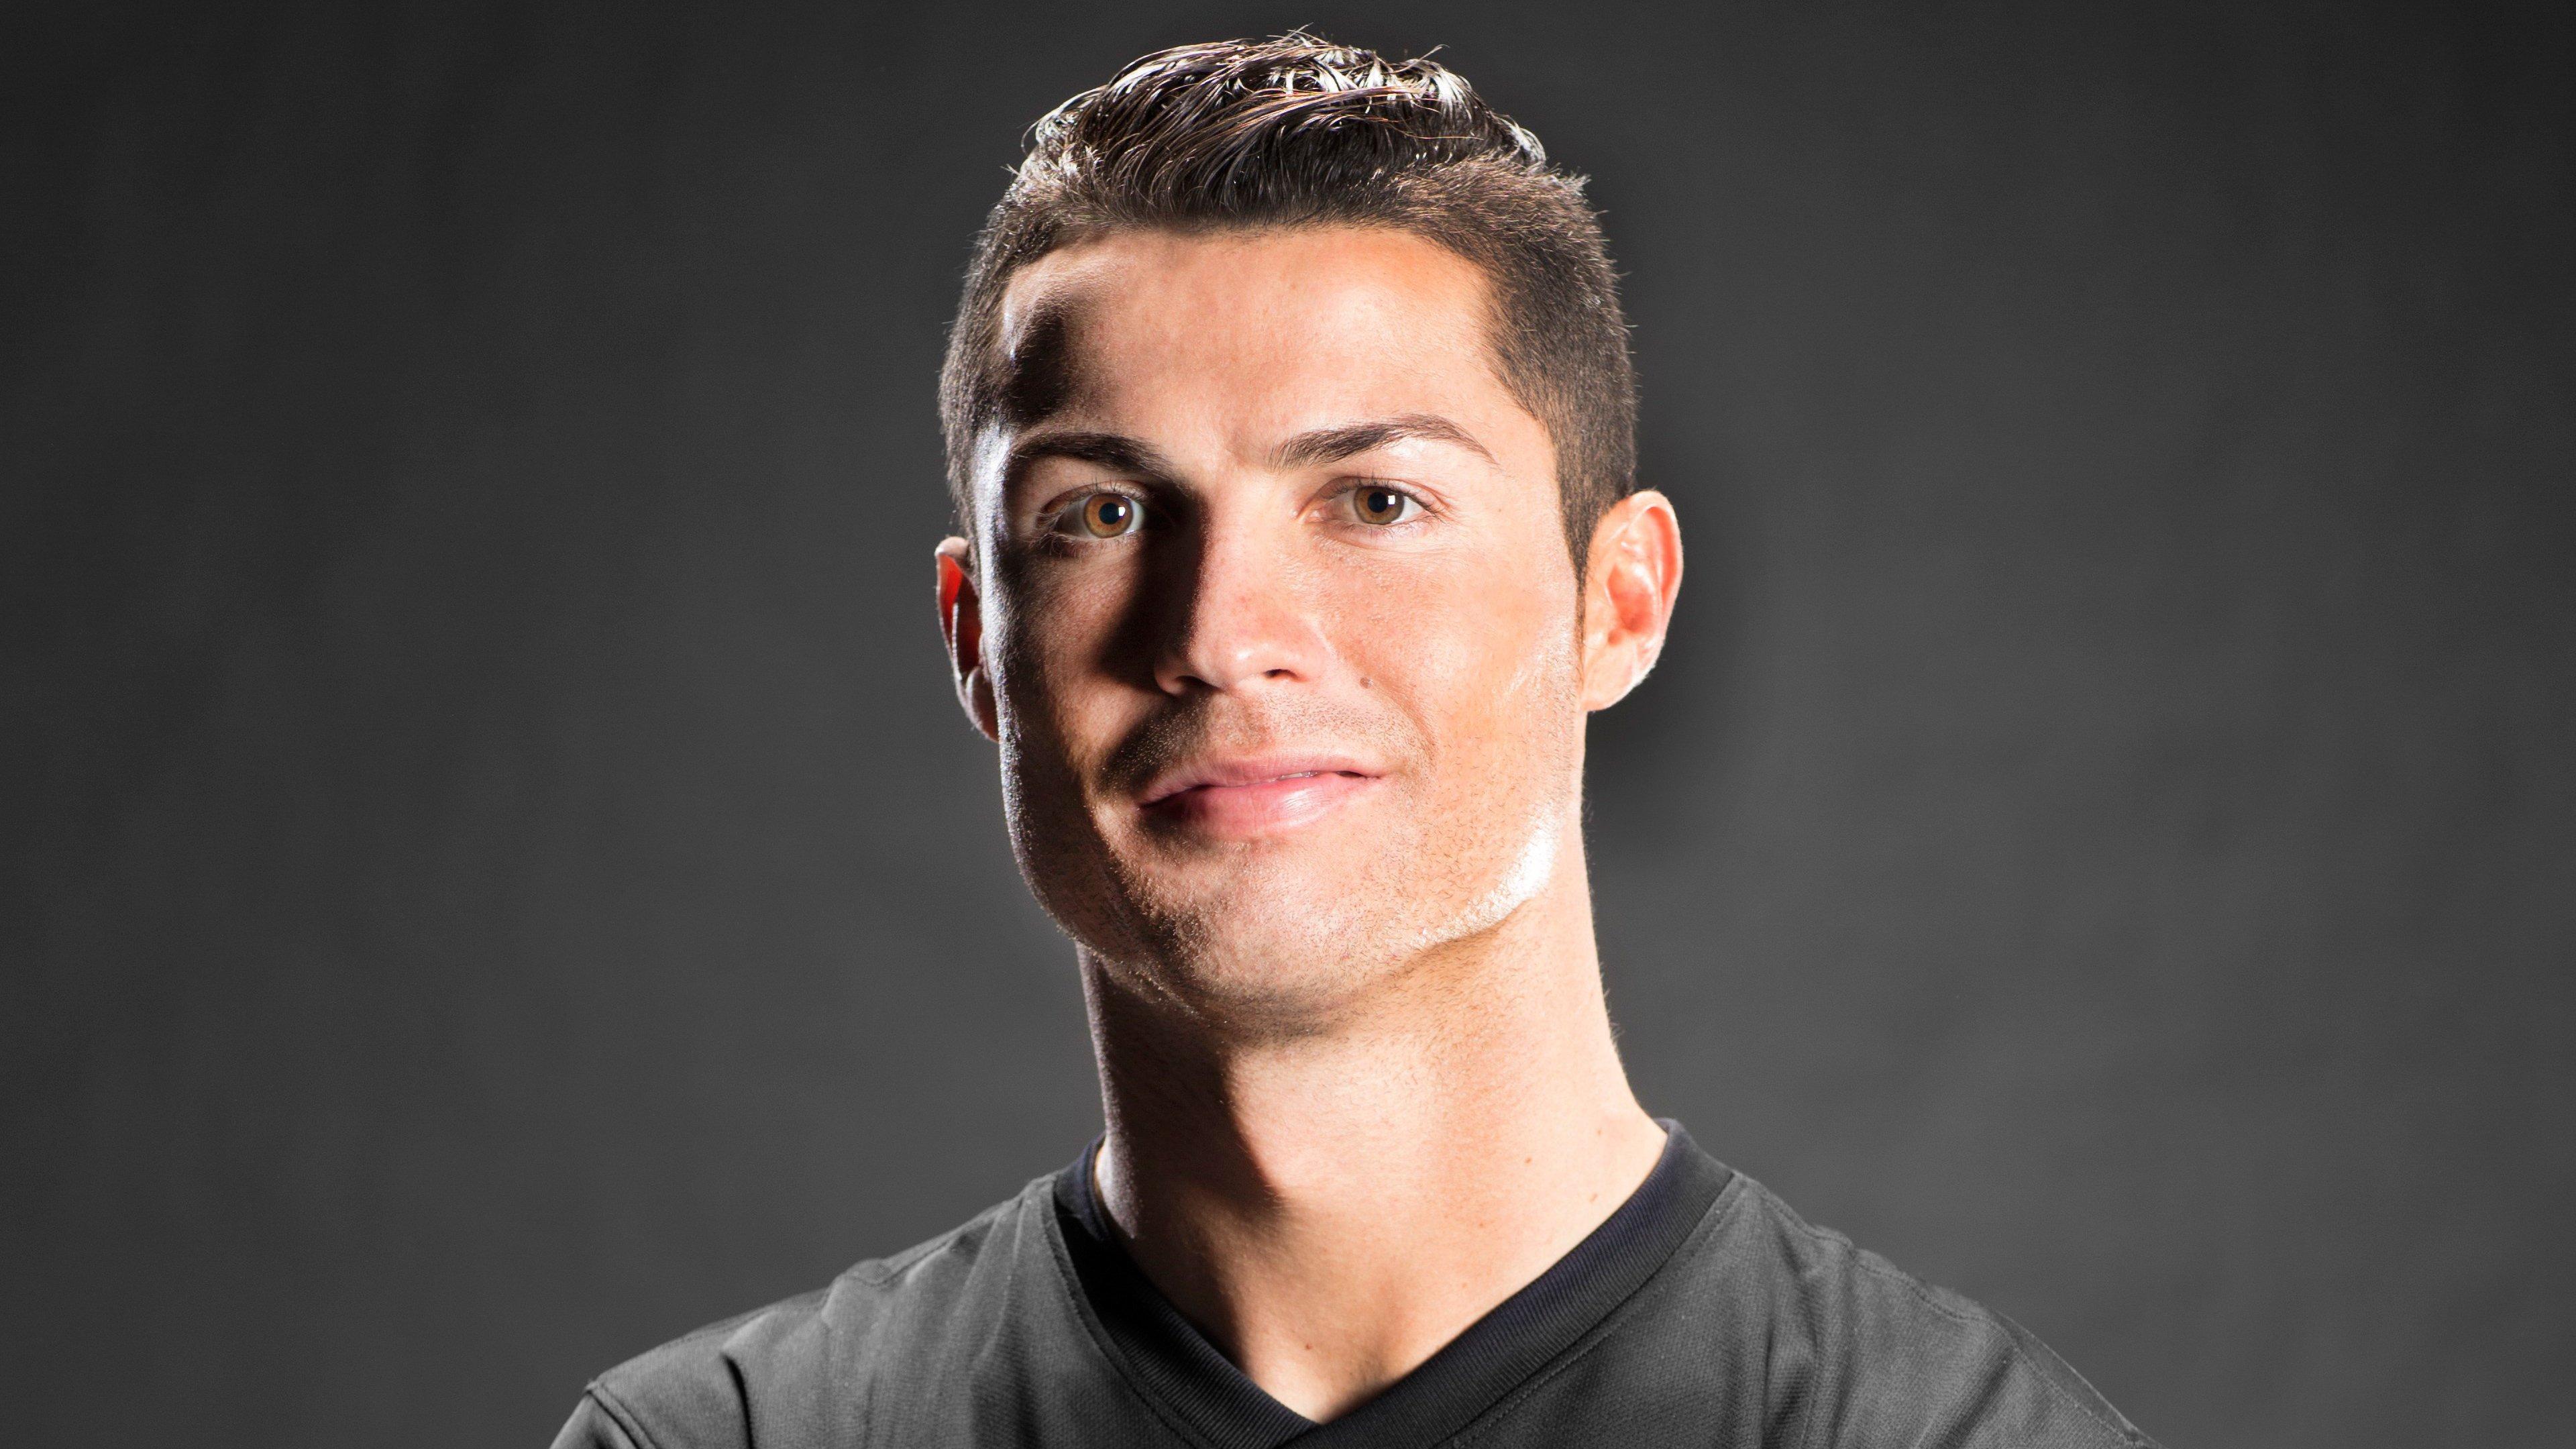 Fondos de pantalla Cristiano Ronaldo